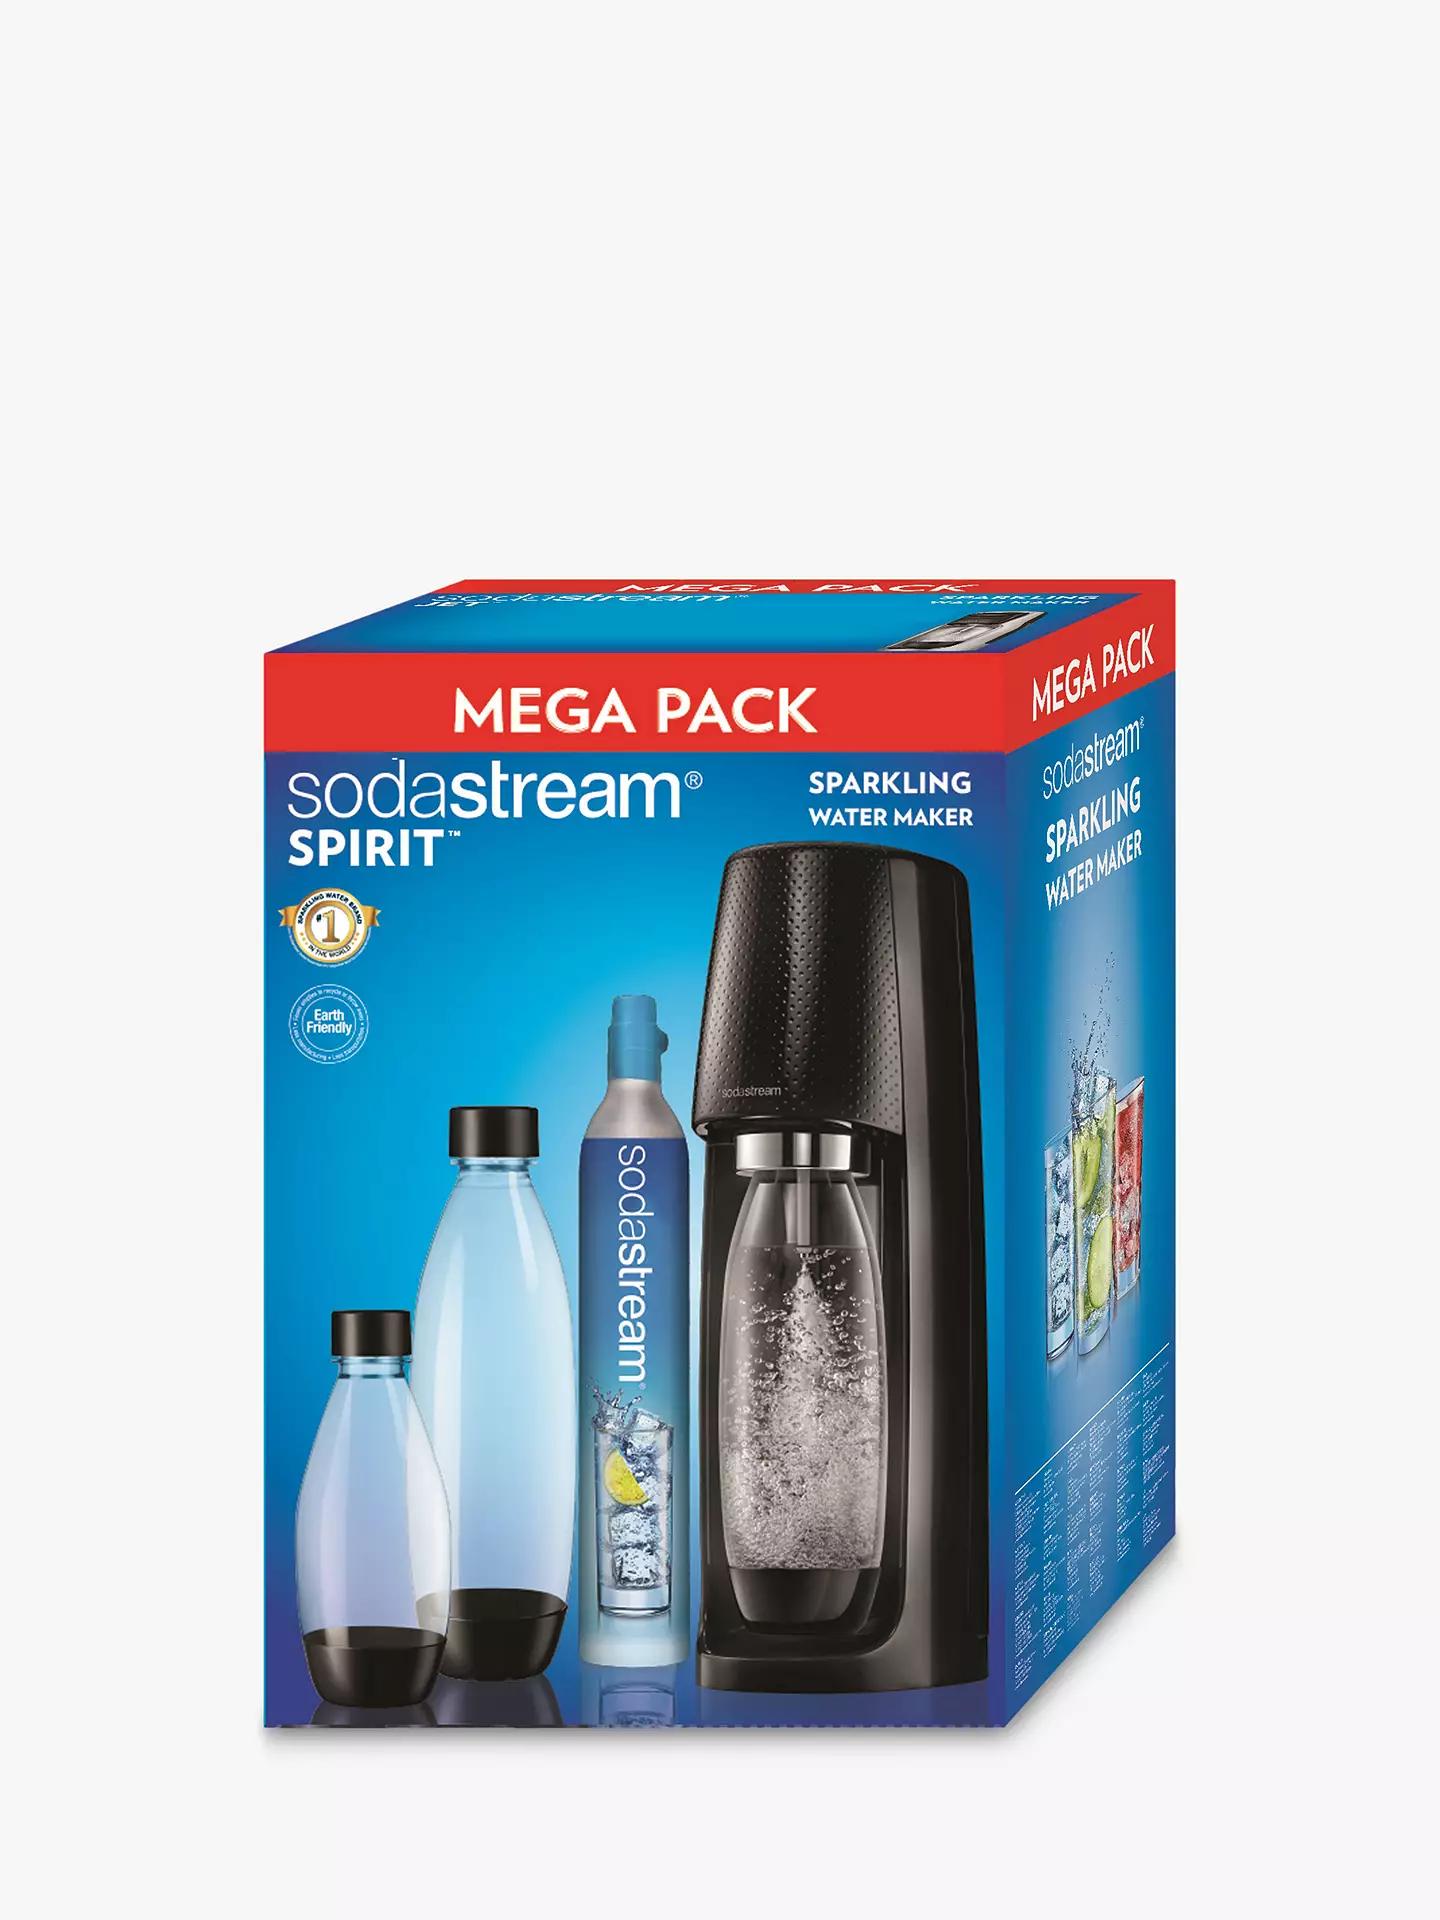 SodaStream Spirit Sparkling Water Maker Mega Pack 60L £59.99 delivered @ John Lewis & Partners